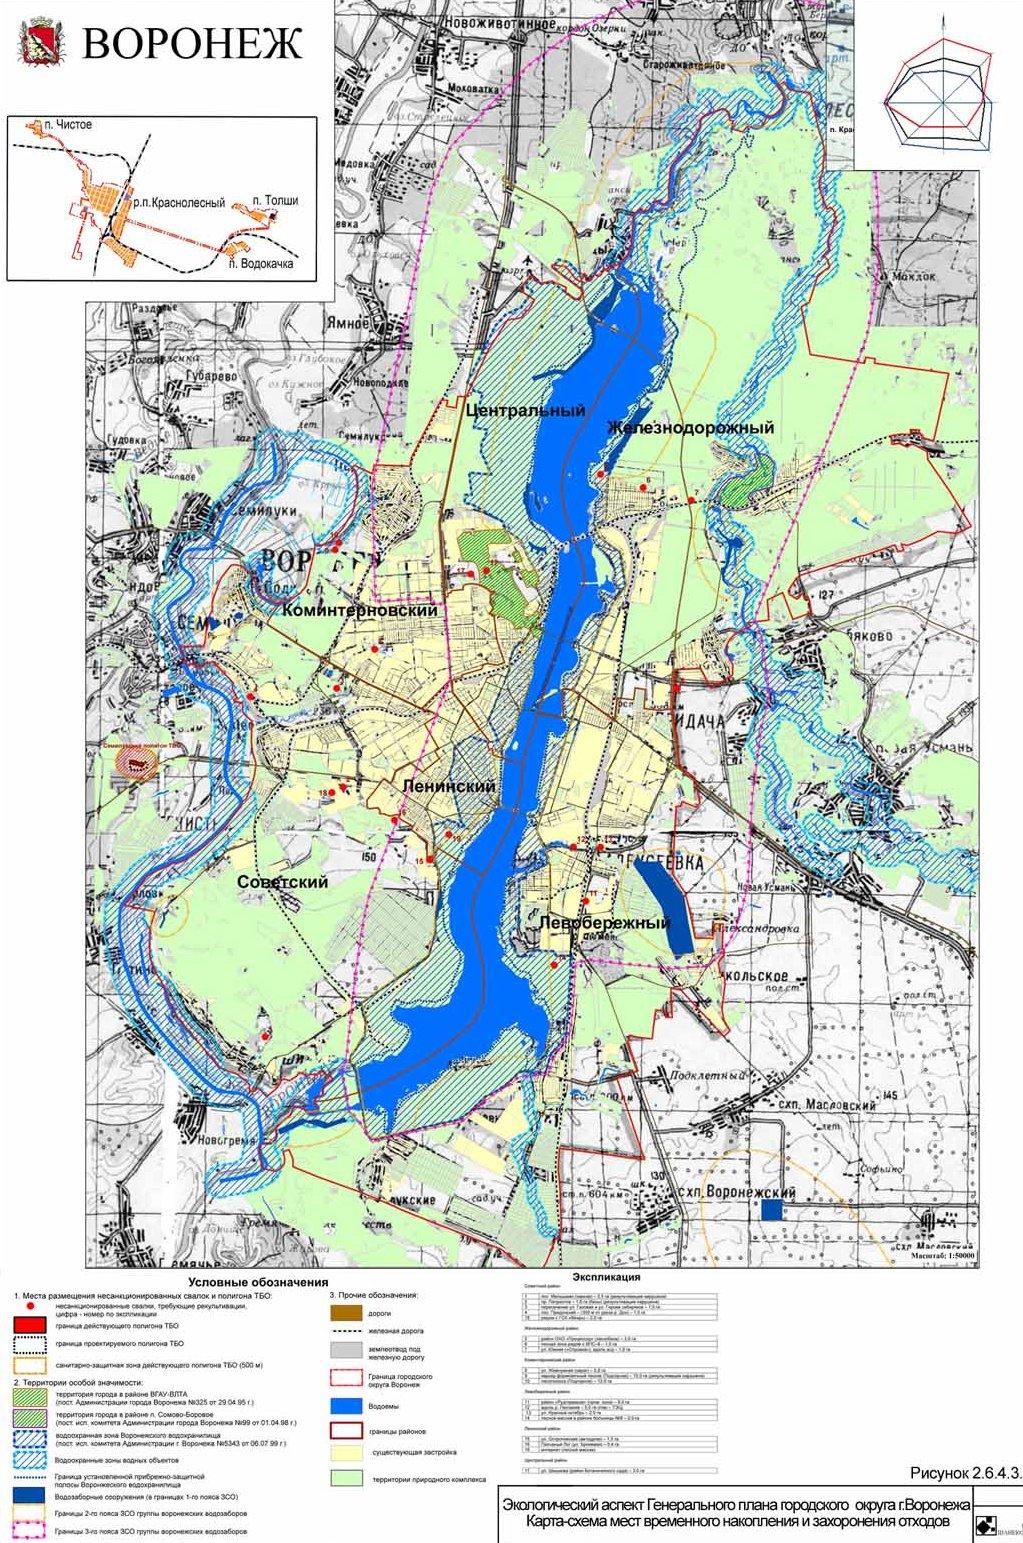 Карта-схема мест временного накопления и захоронения отходов